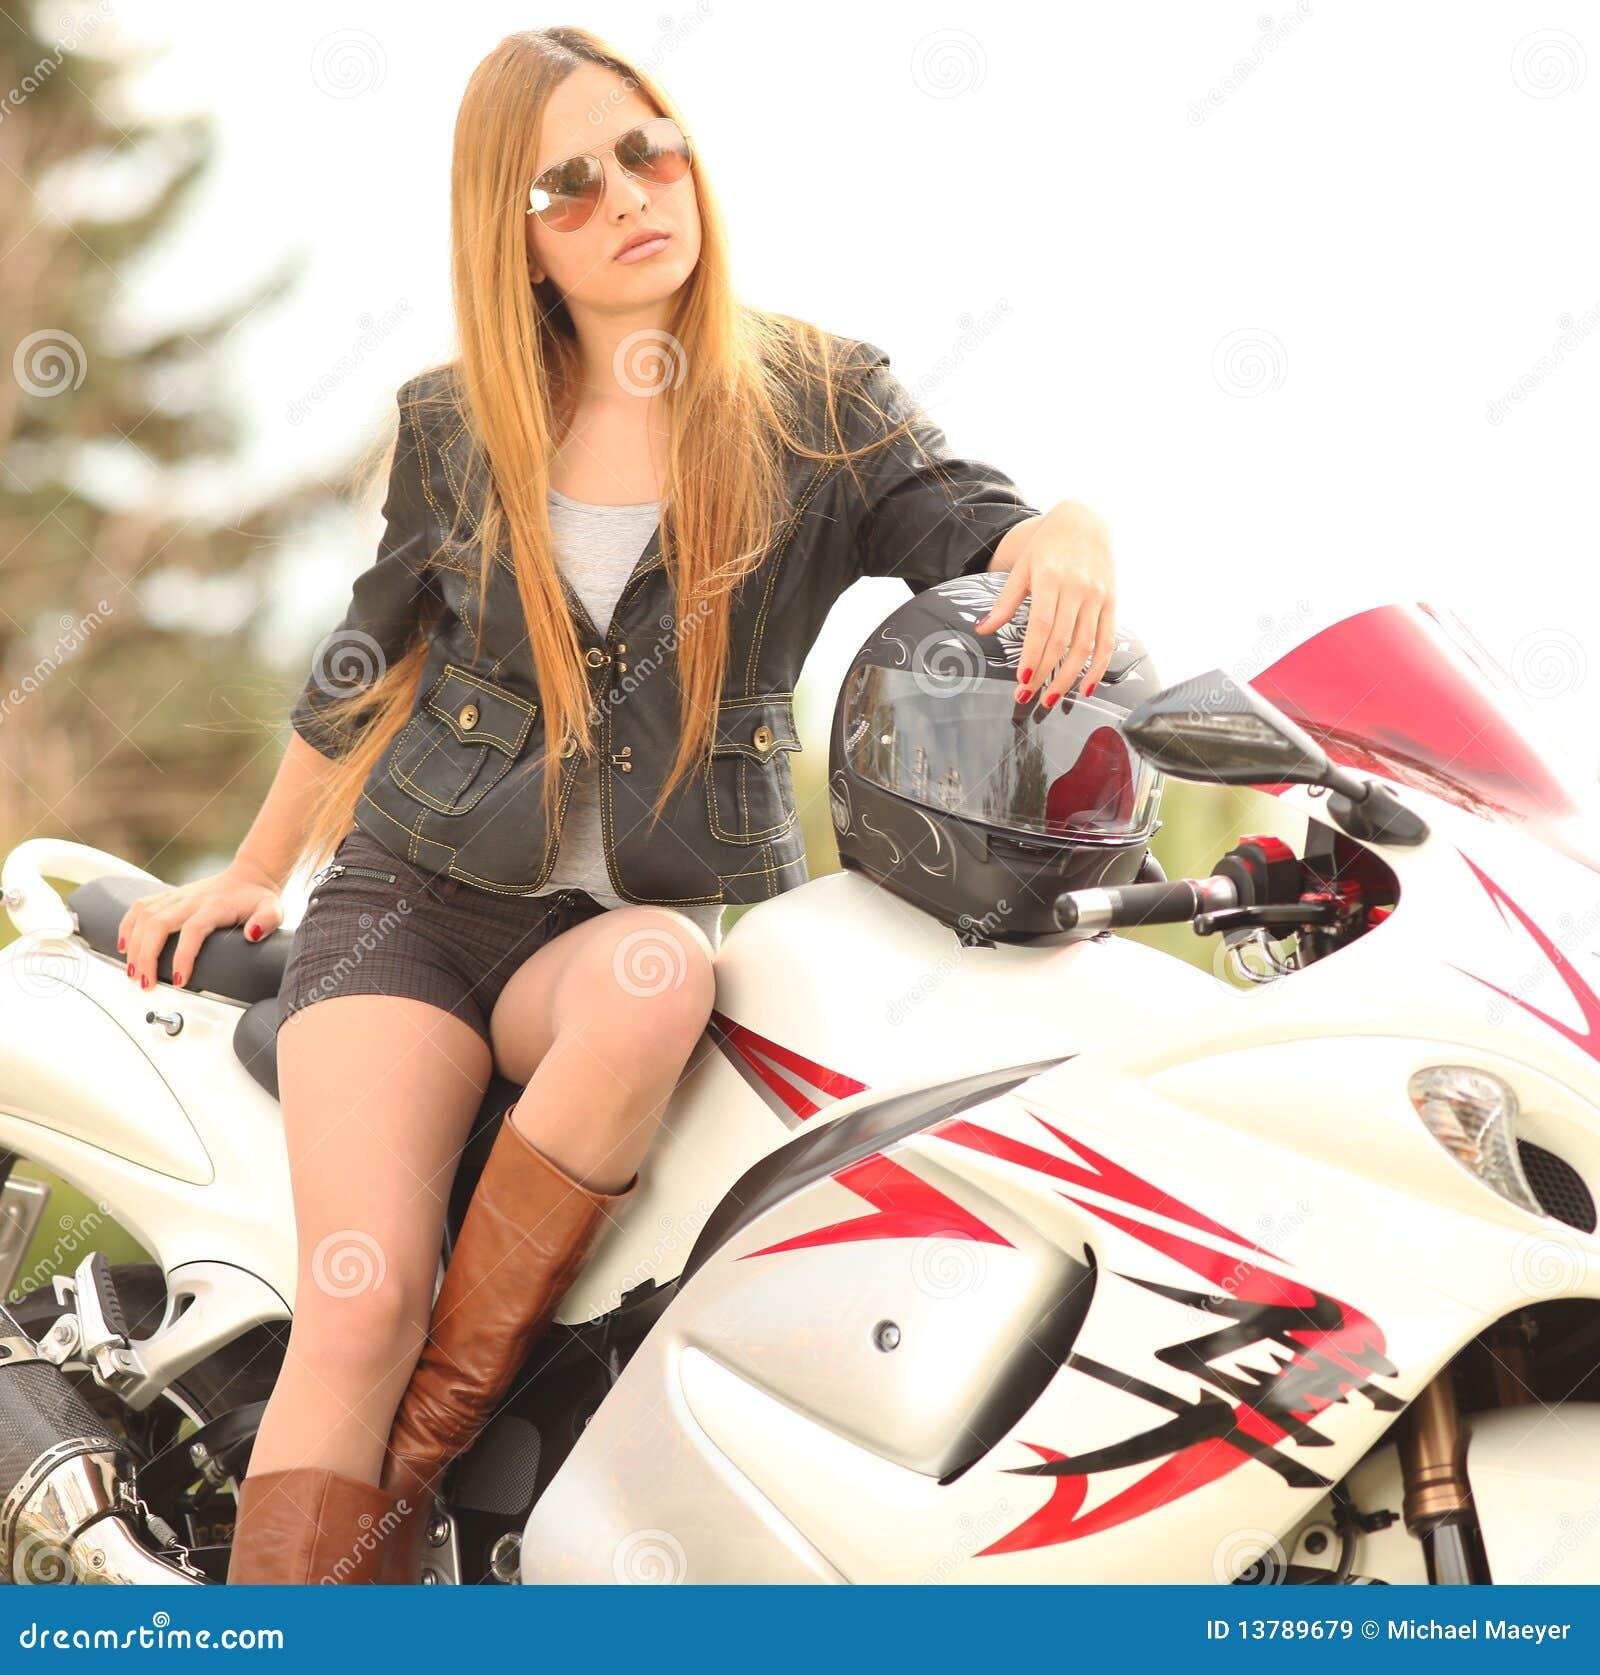 Rencontre avec femme aimant la moto